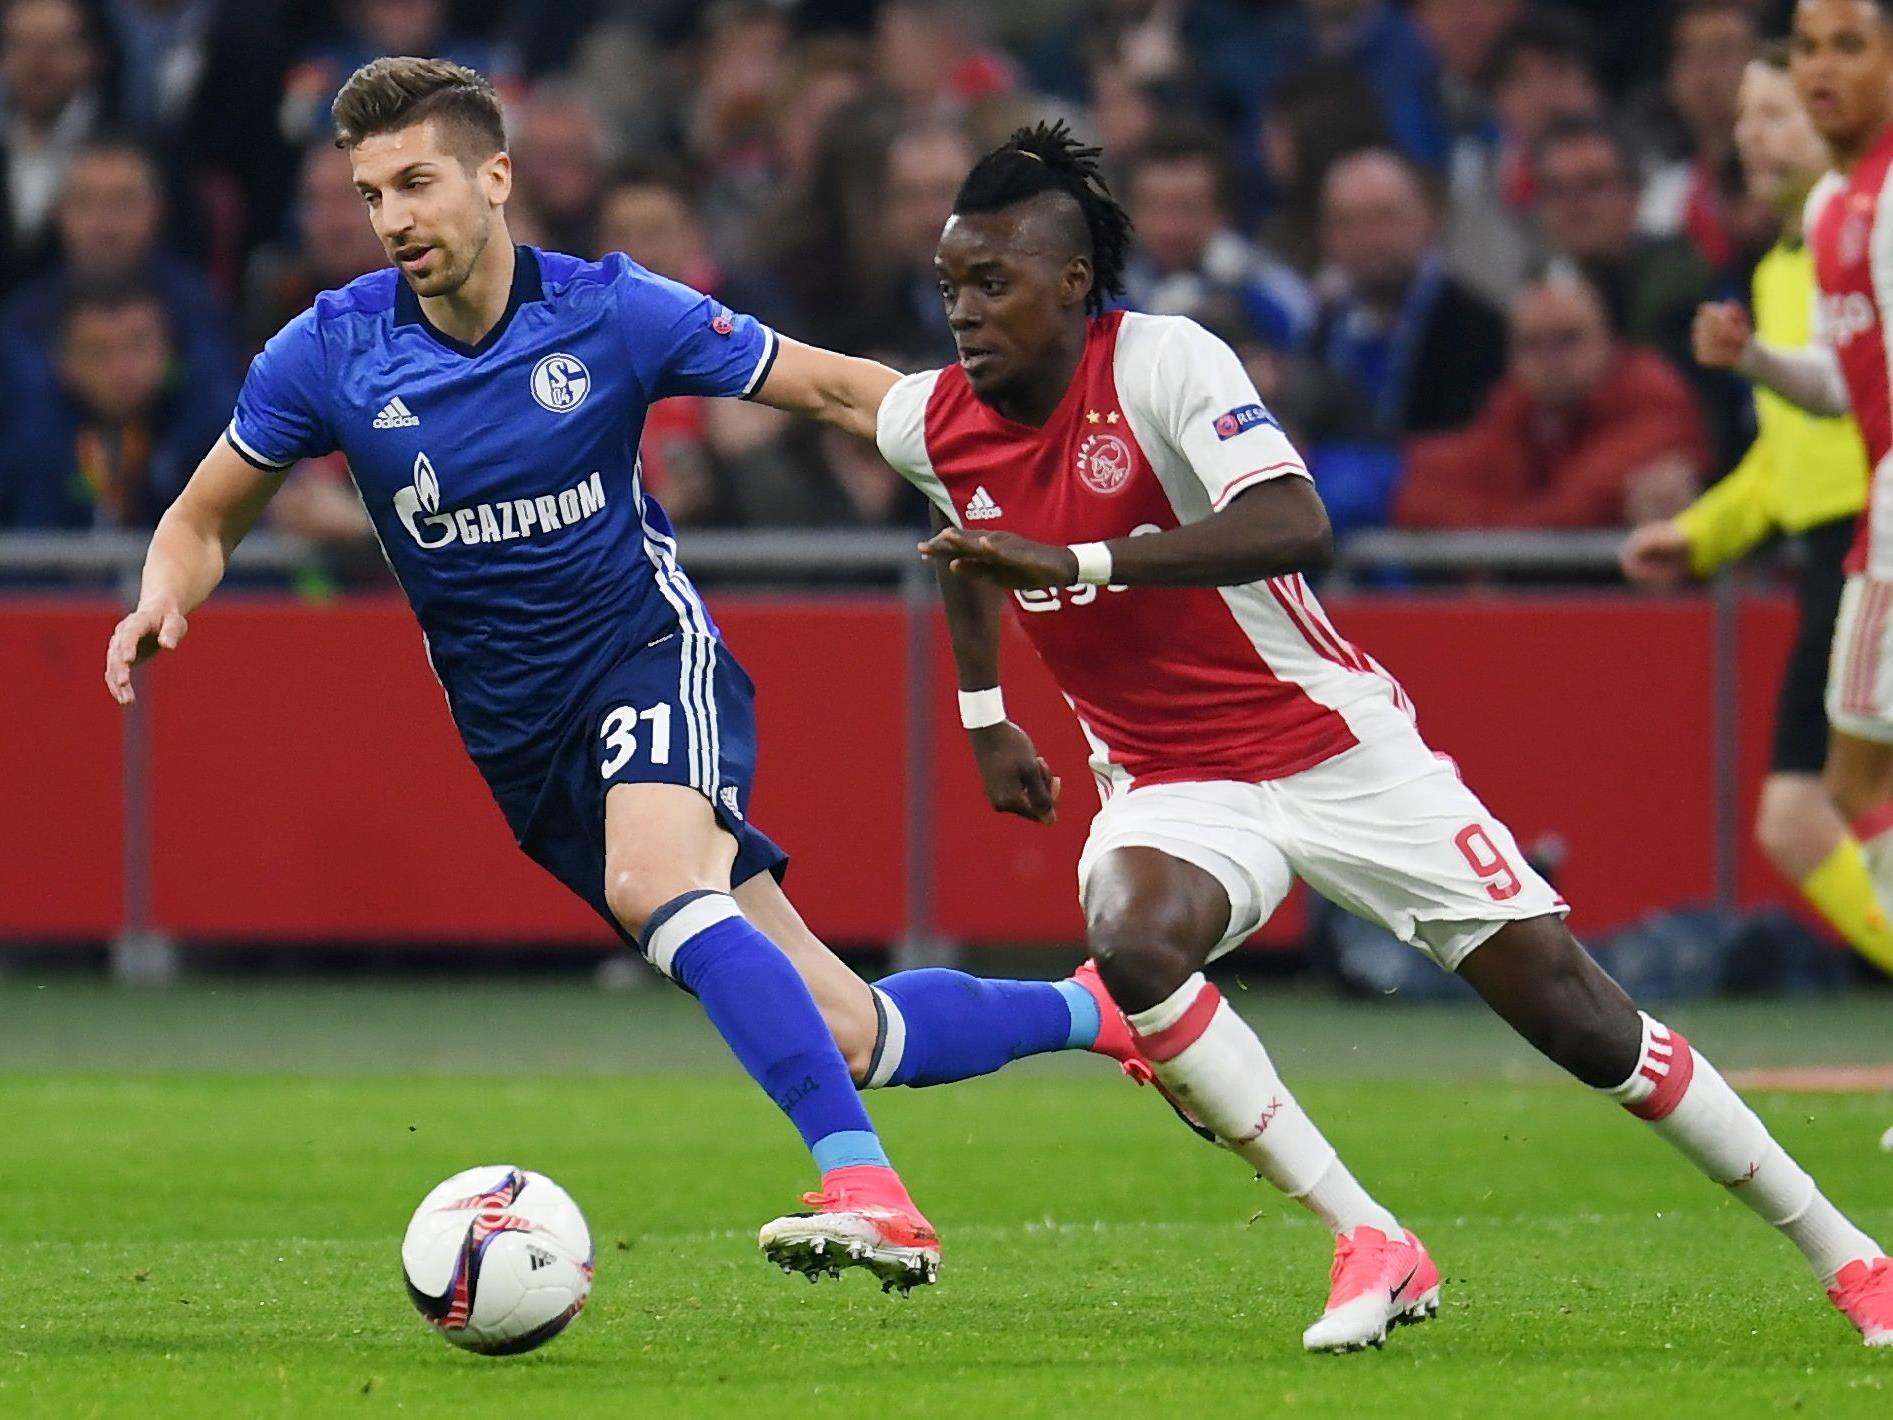 Schalke 04 trifft im Rückspiel des Europa-League-Viertelfinales in Gelsenkirchen auf Ajax Amsterdam.